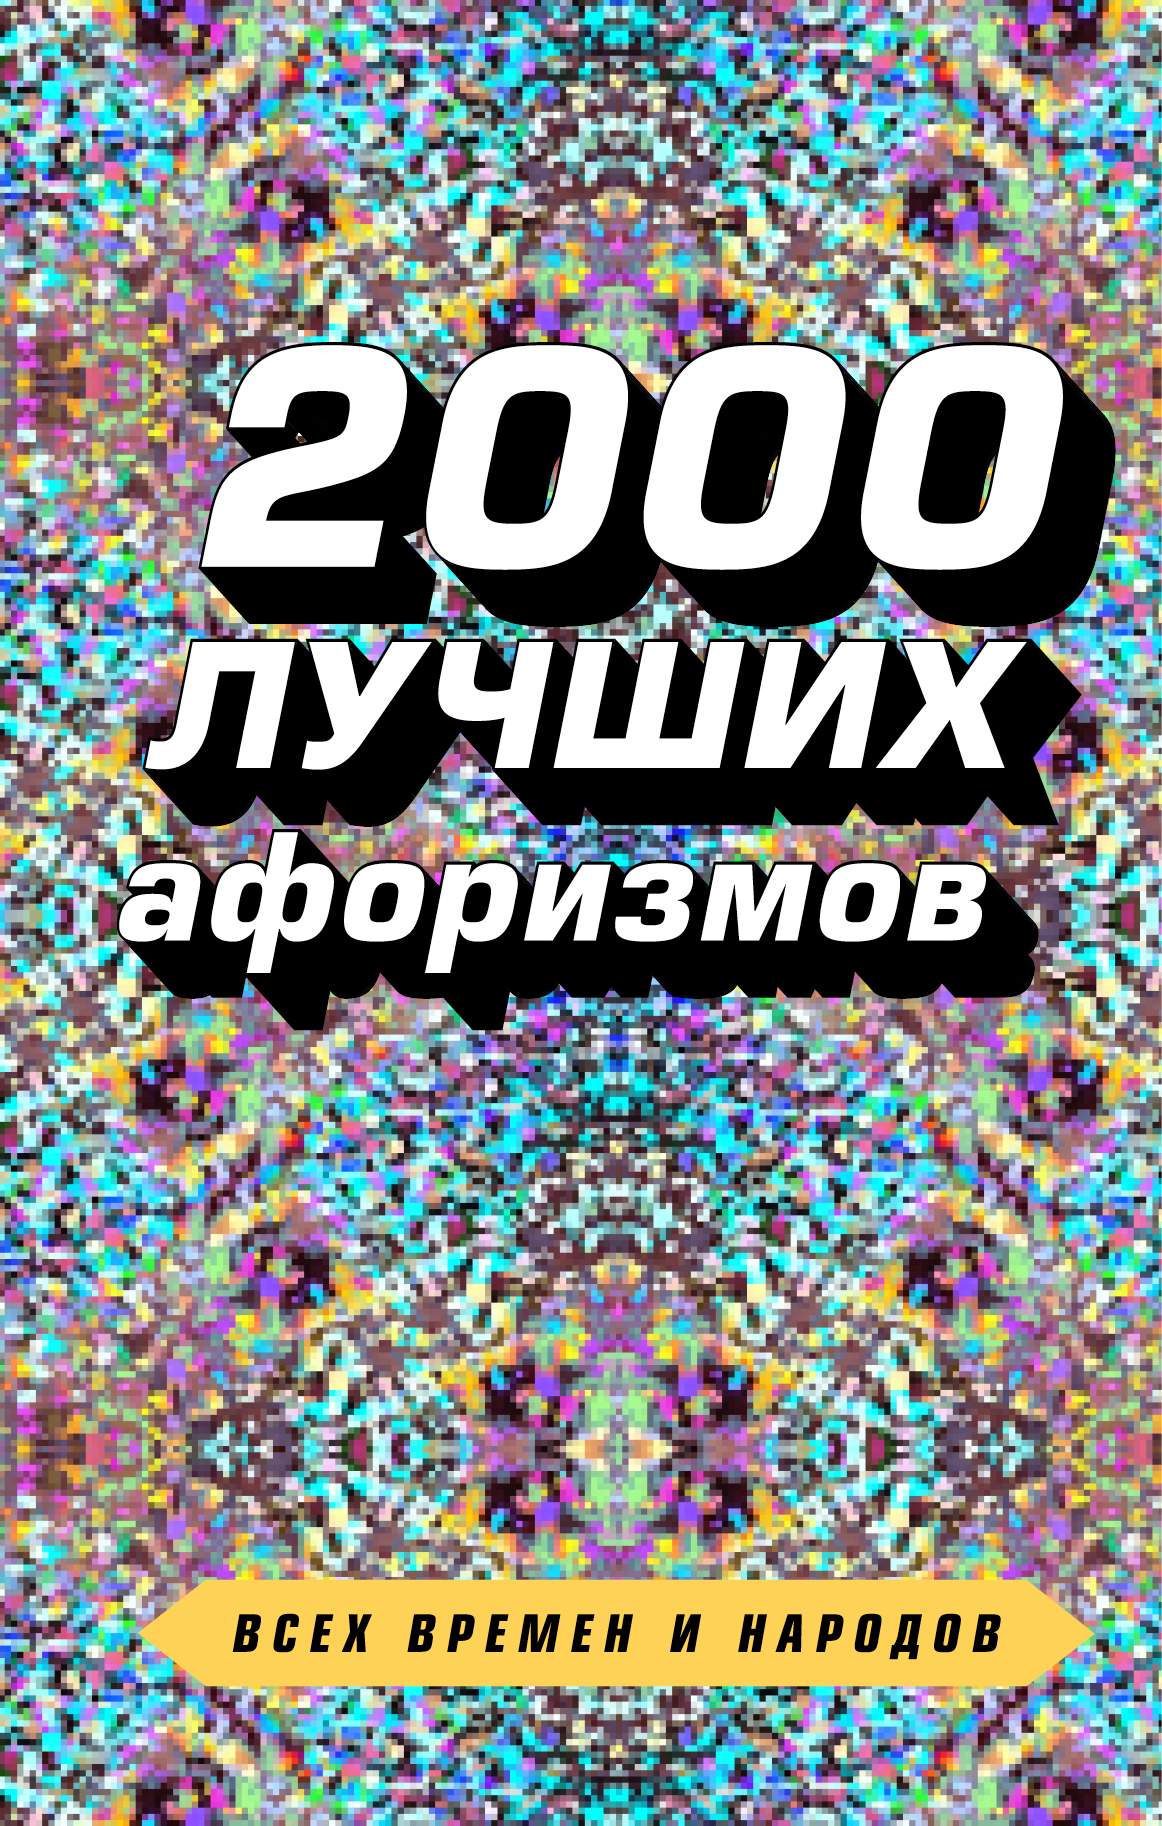 Сборник афоризмов 2000 лучших афоризмов всех времен и народов компьютер